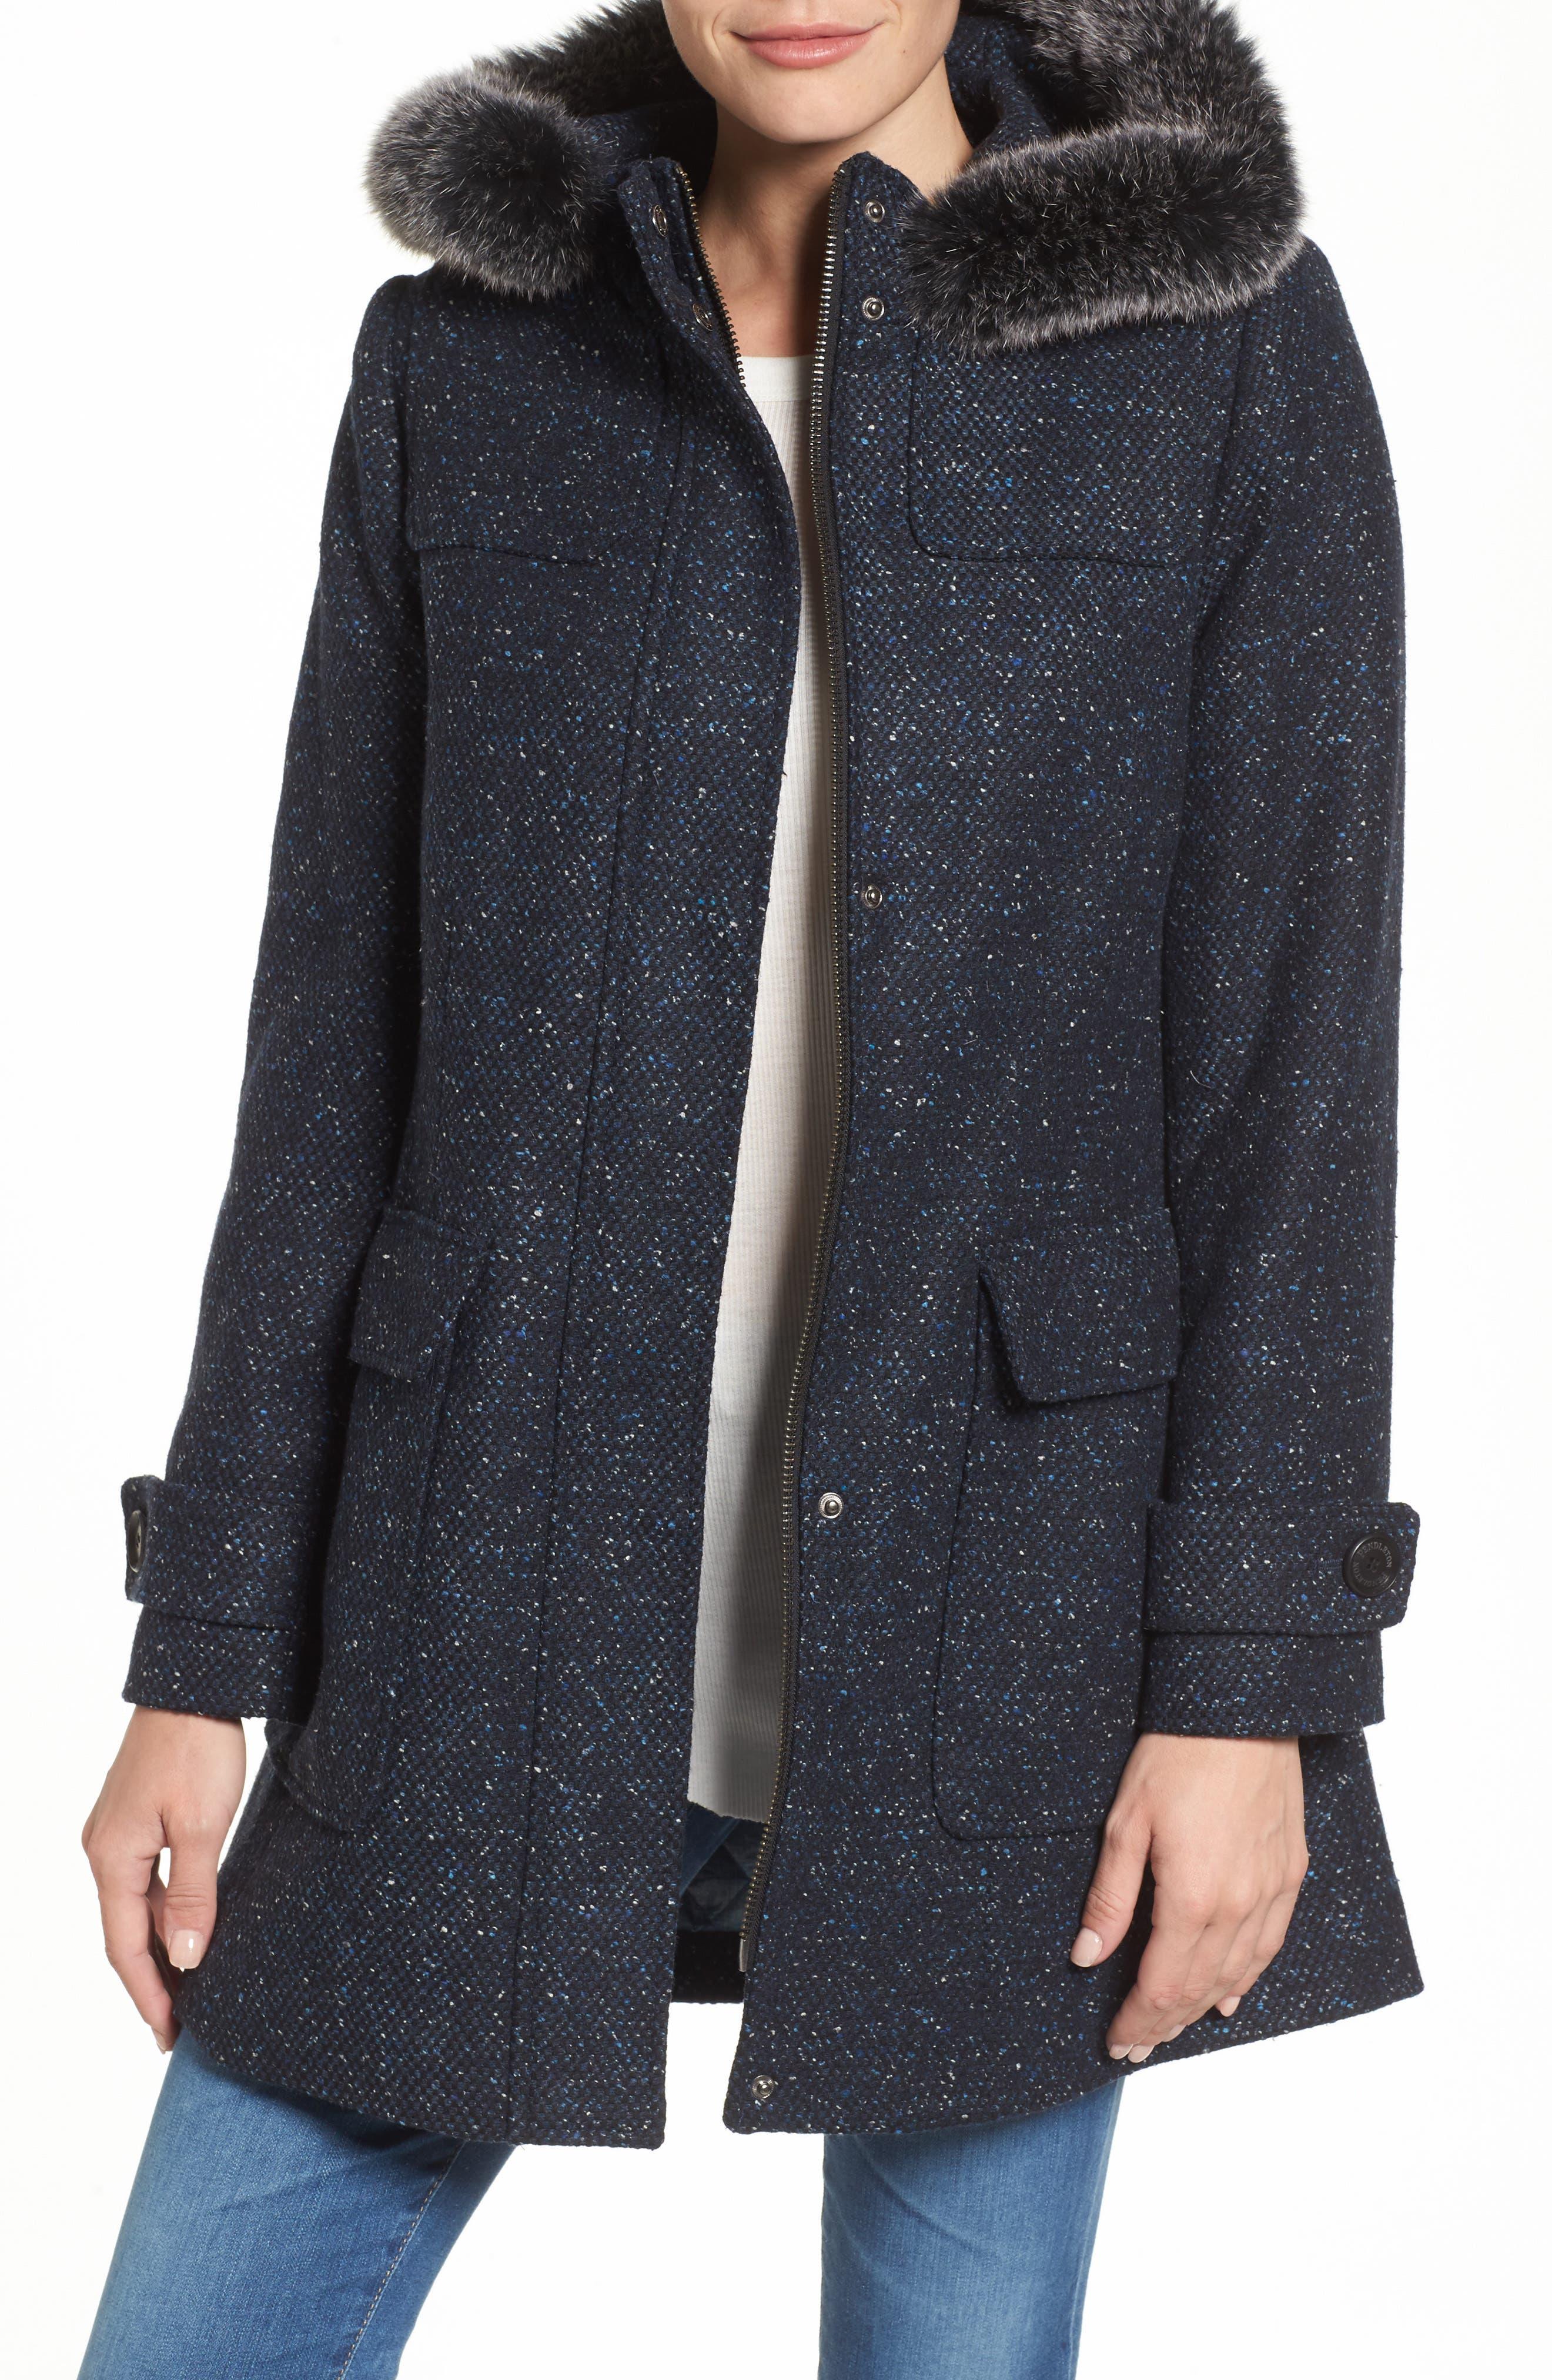 Portland Wool Duffle Coat with Genuine Fur Trim,                         Main,                         color, Navy/ Black Tweed